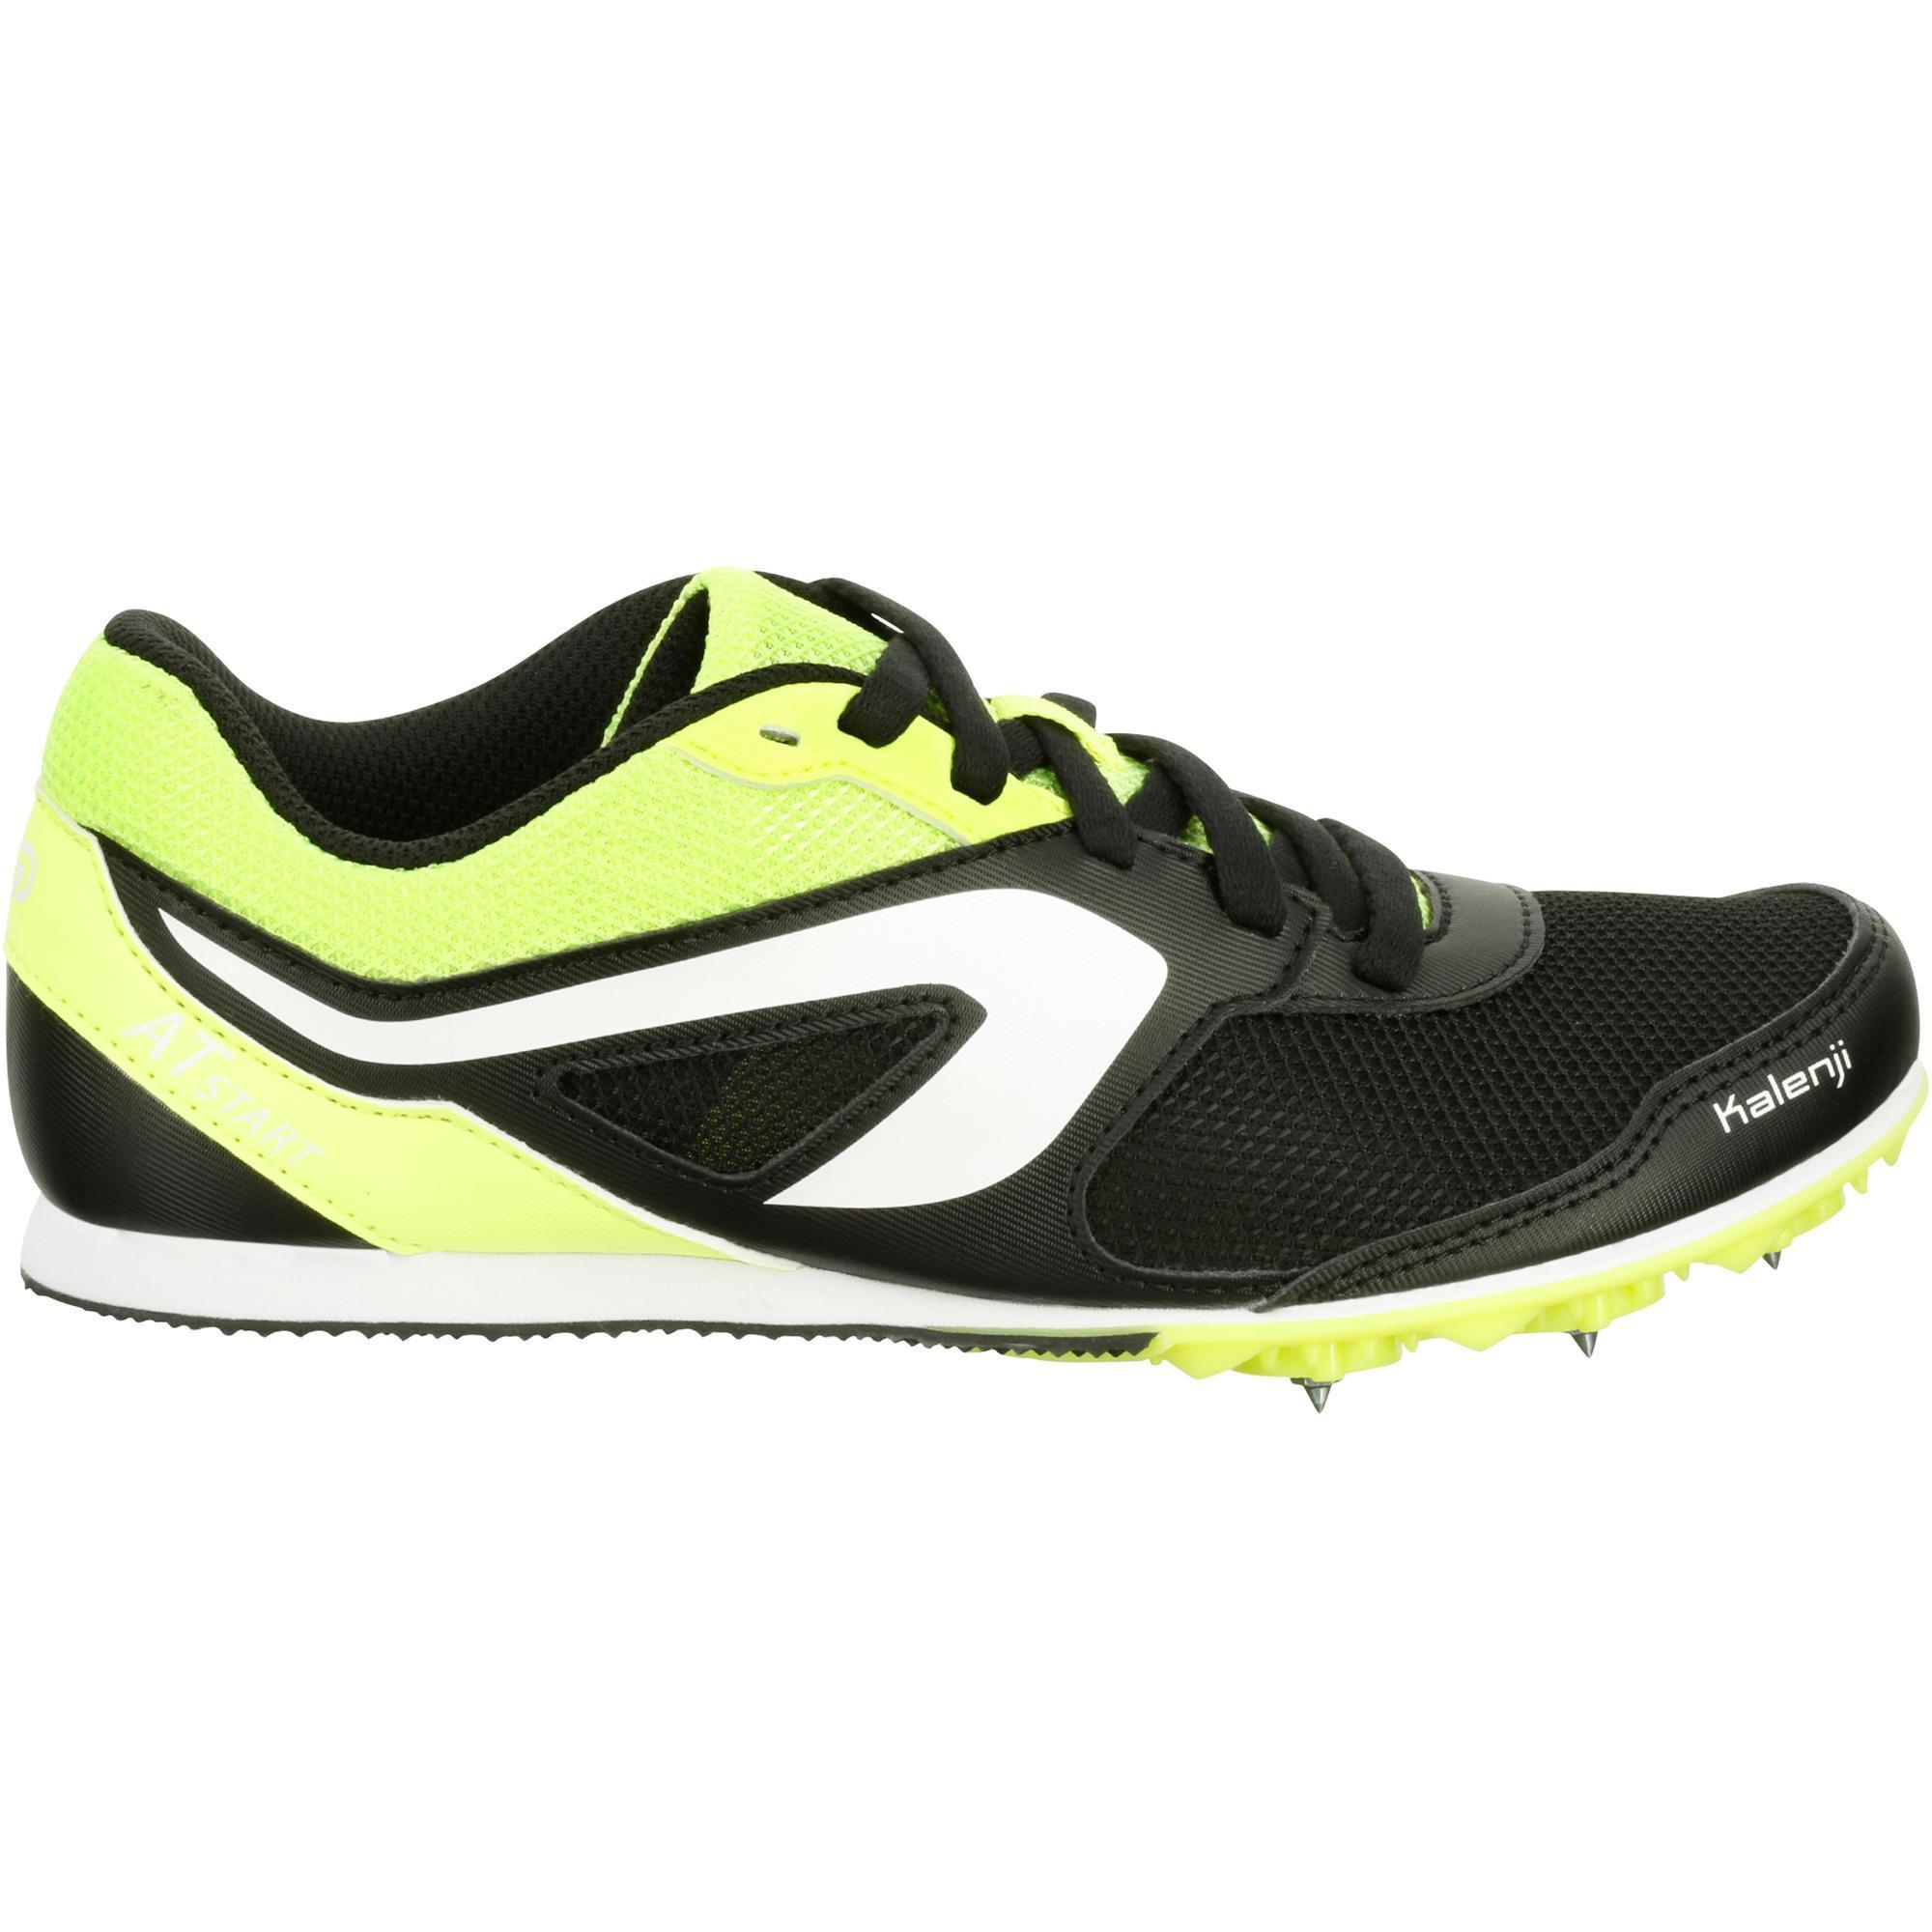 sur des coups de pieds de beau look achats D'athletisme Noire Chaussure Enfant Kalenji Polyvalente A ...